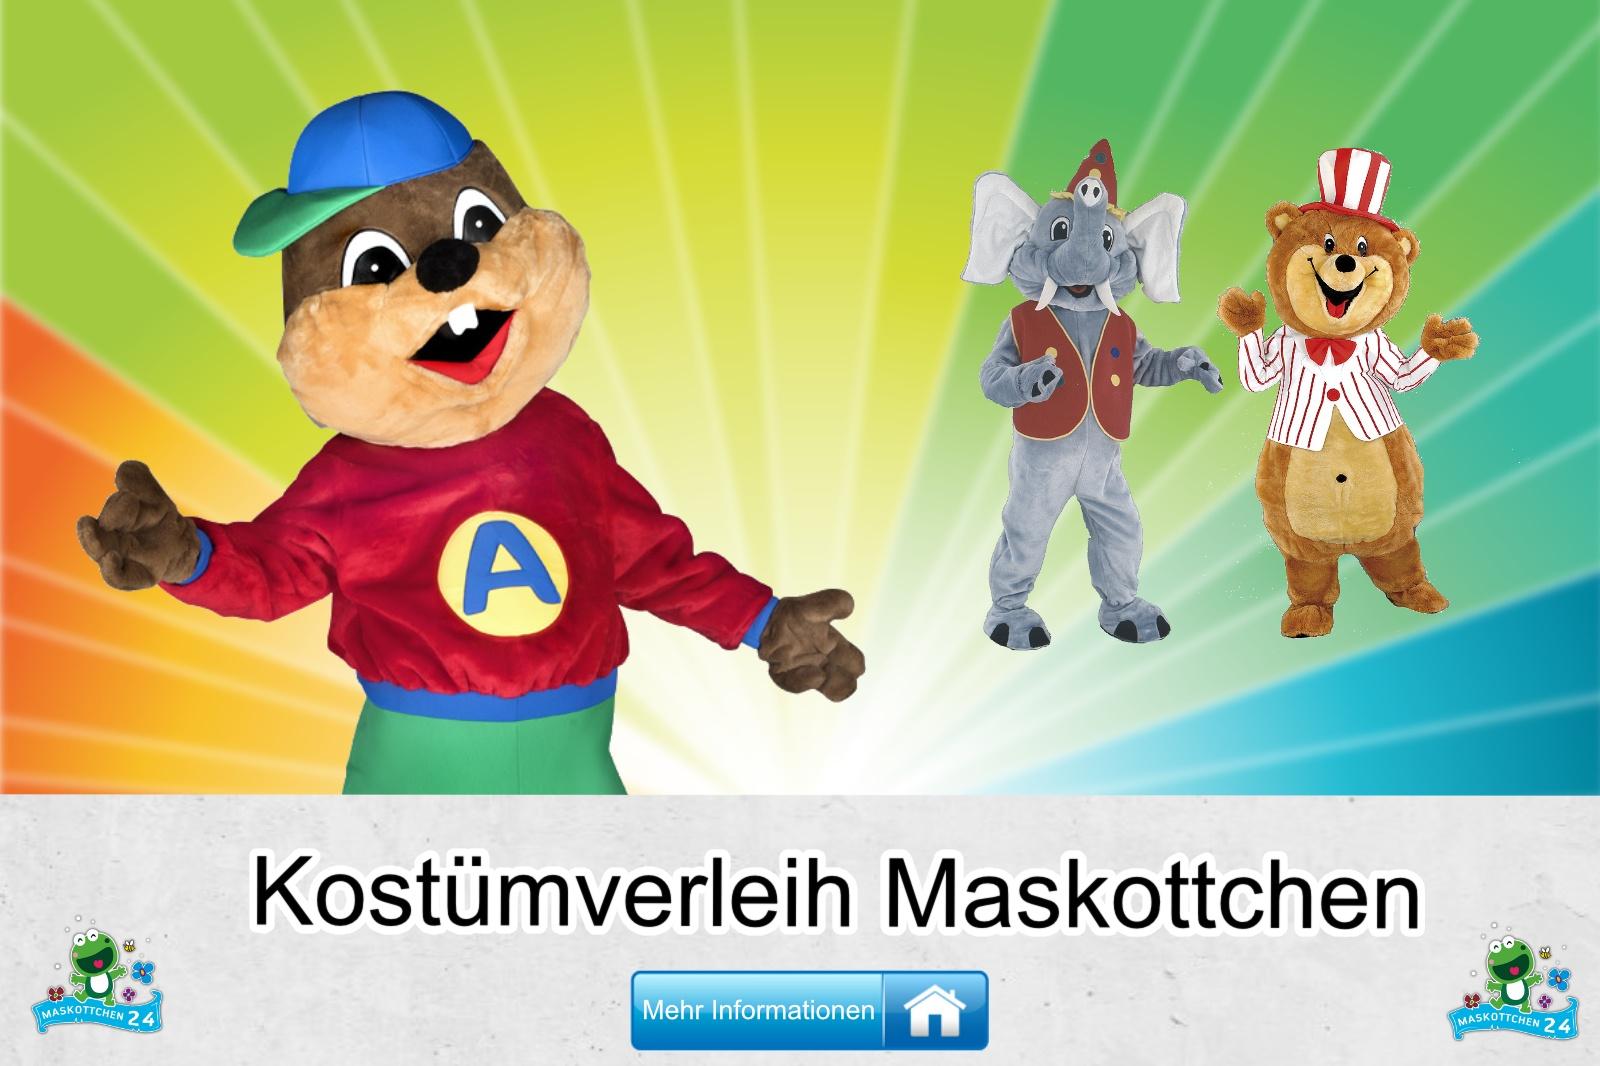 Kostümverleih Maskottchen Kostüm Vermietung, günstige Produktion kaufen